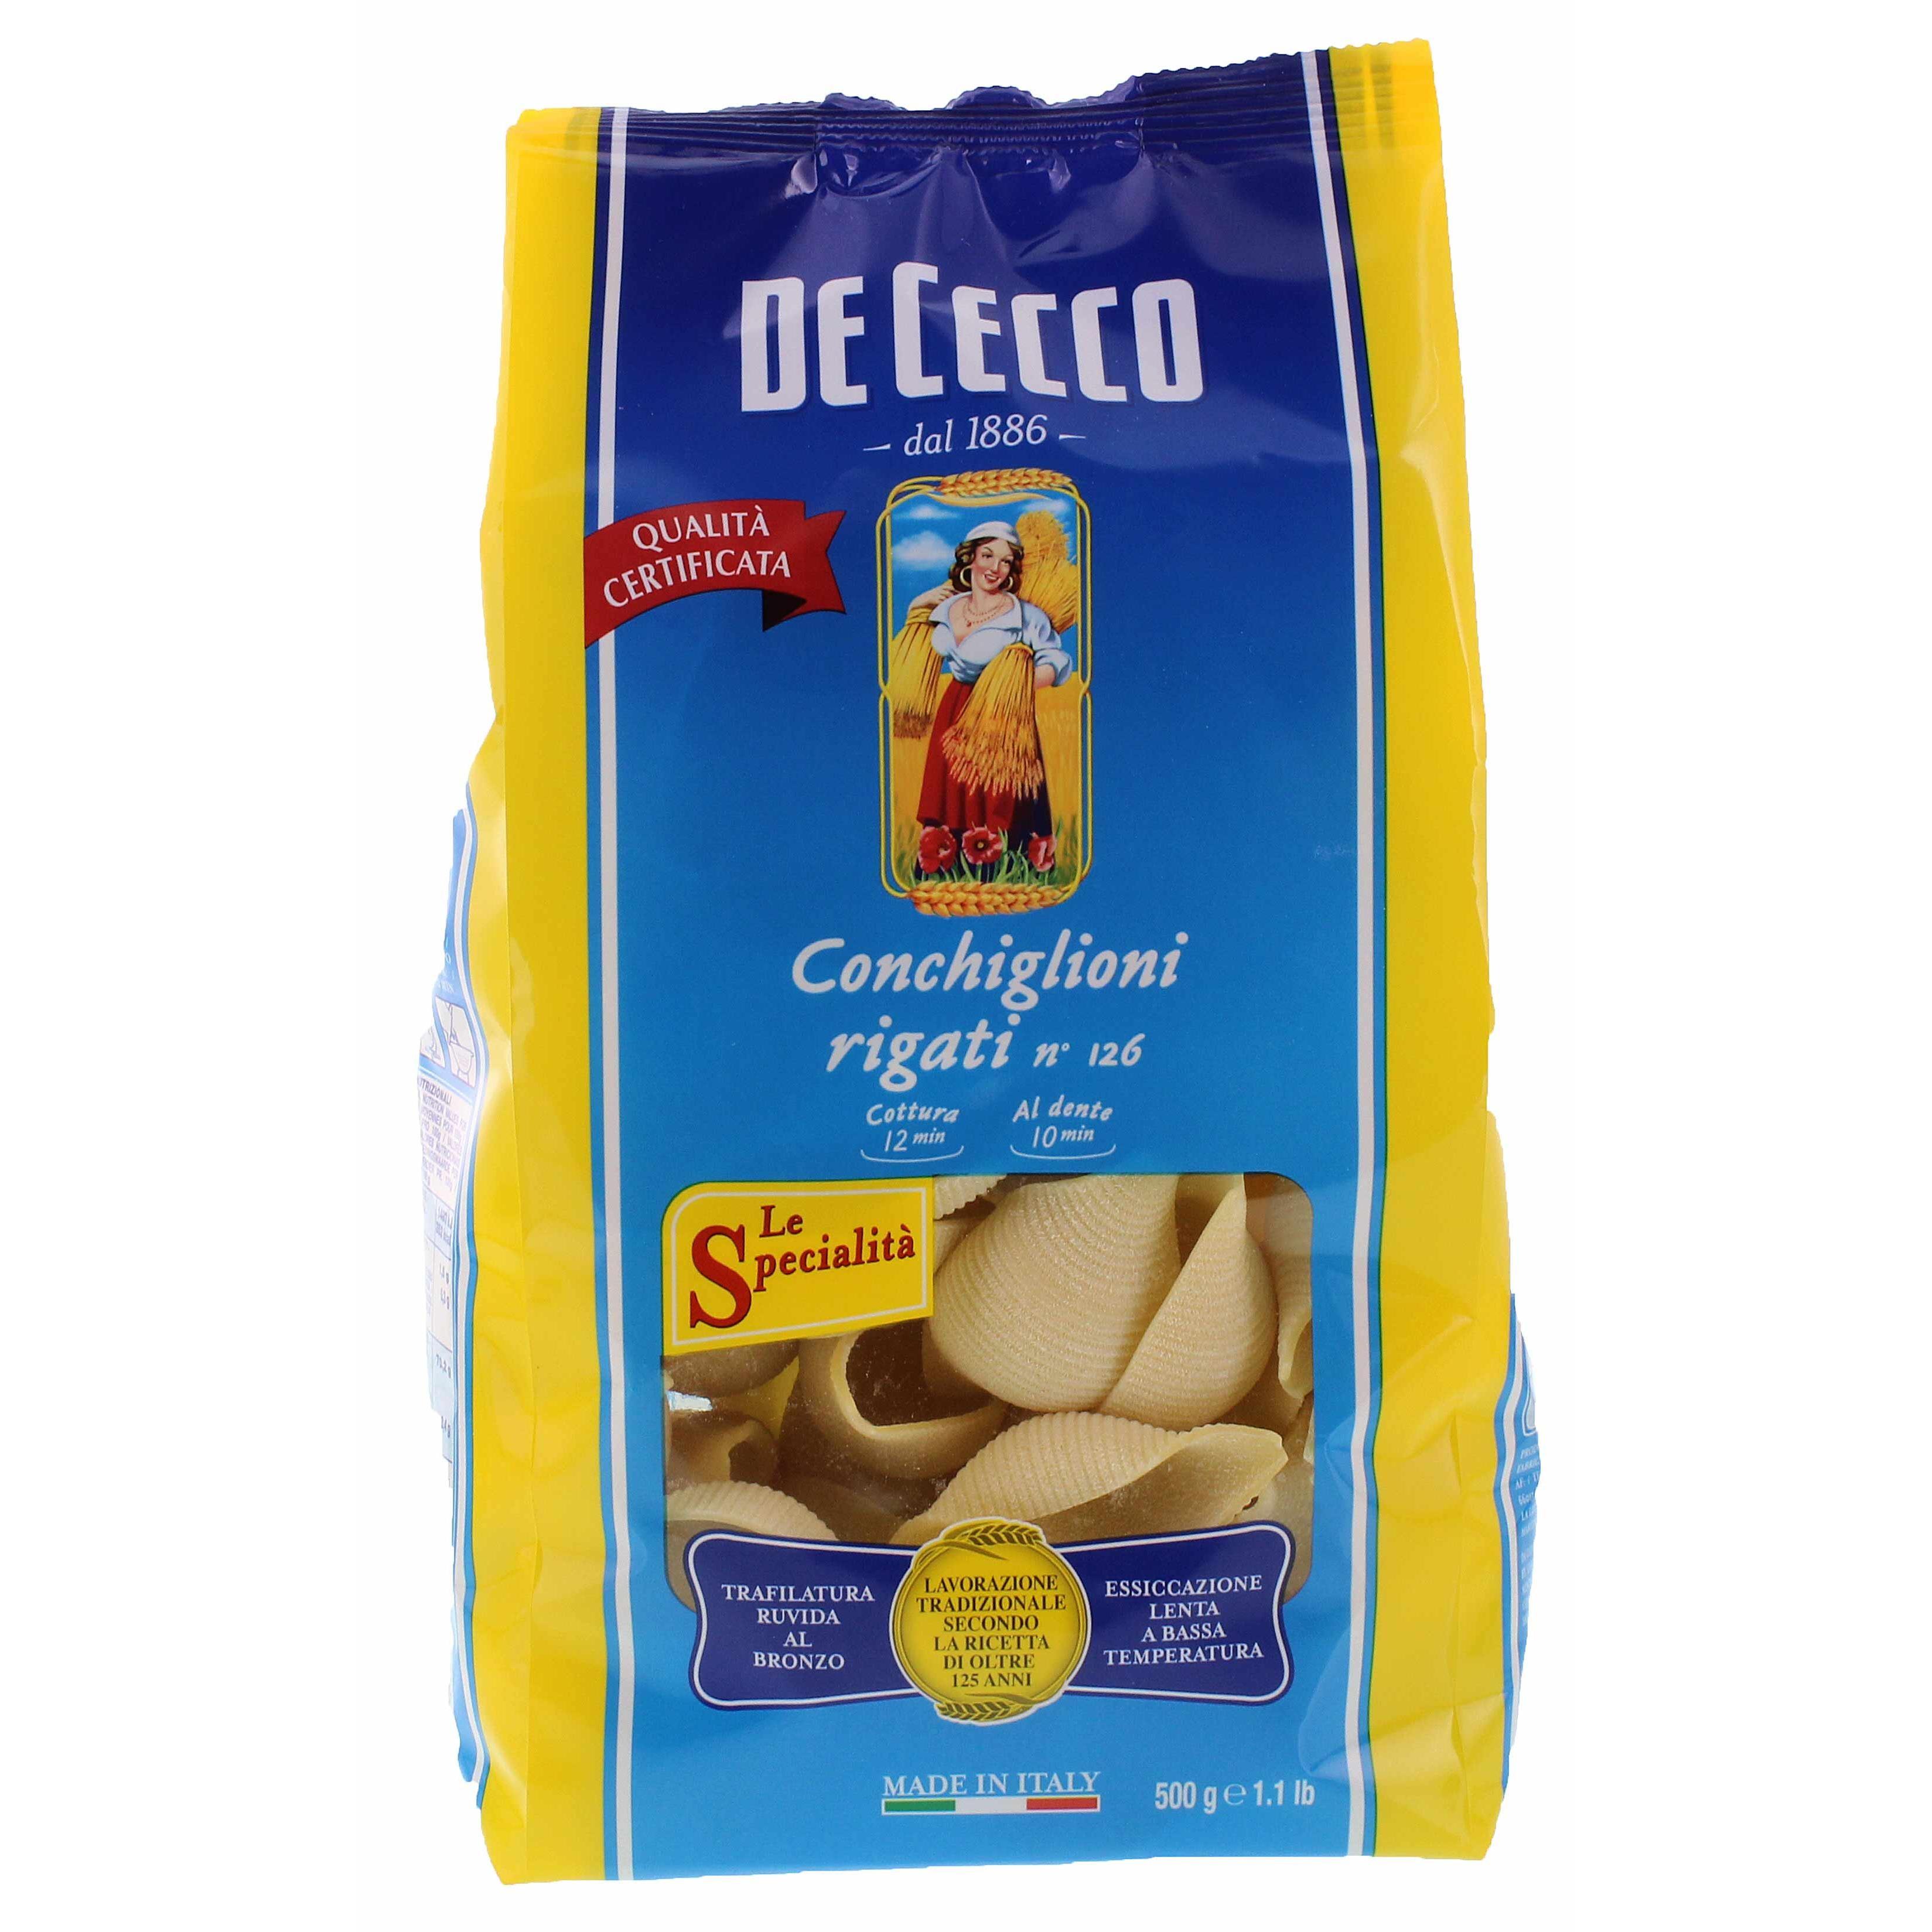 De Cecco - Conchiglioni Rigati N°126 Pasta - 500g